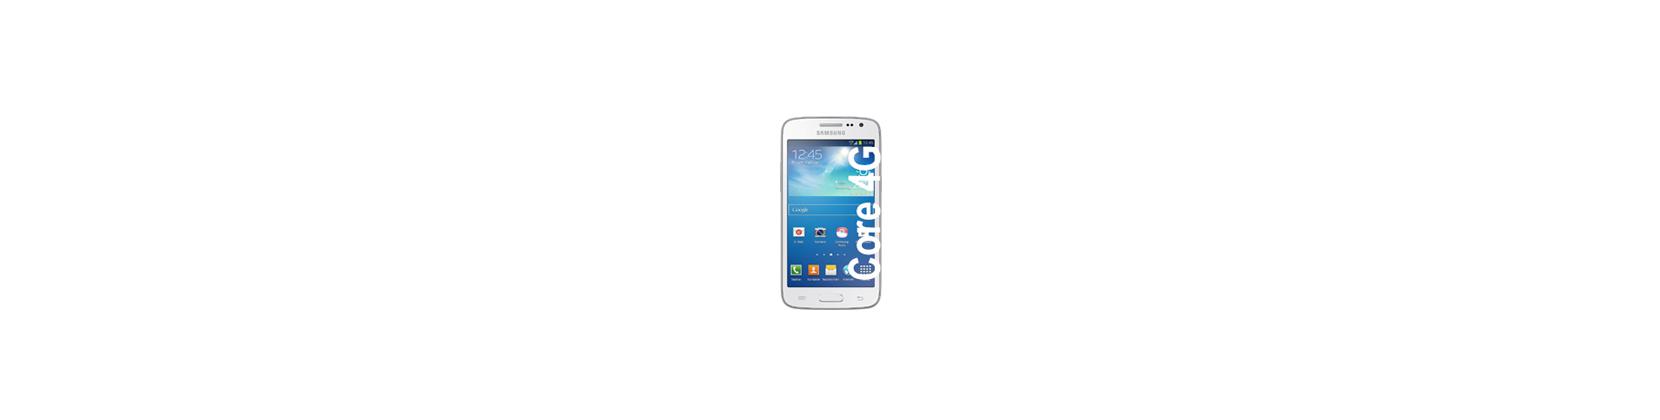 Galaxy 4G Core G386